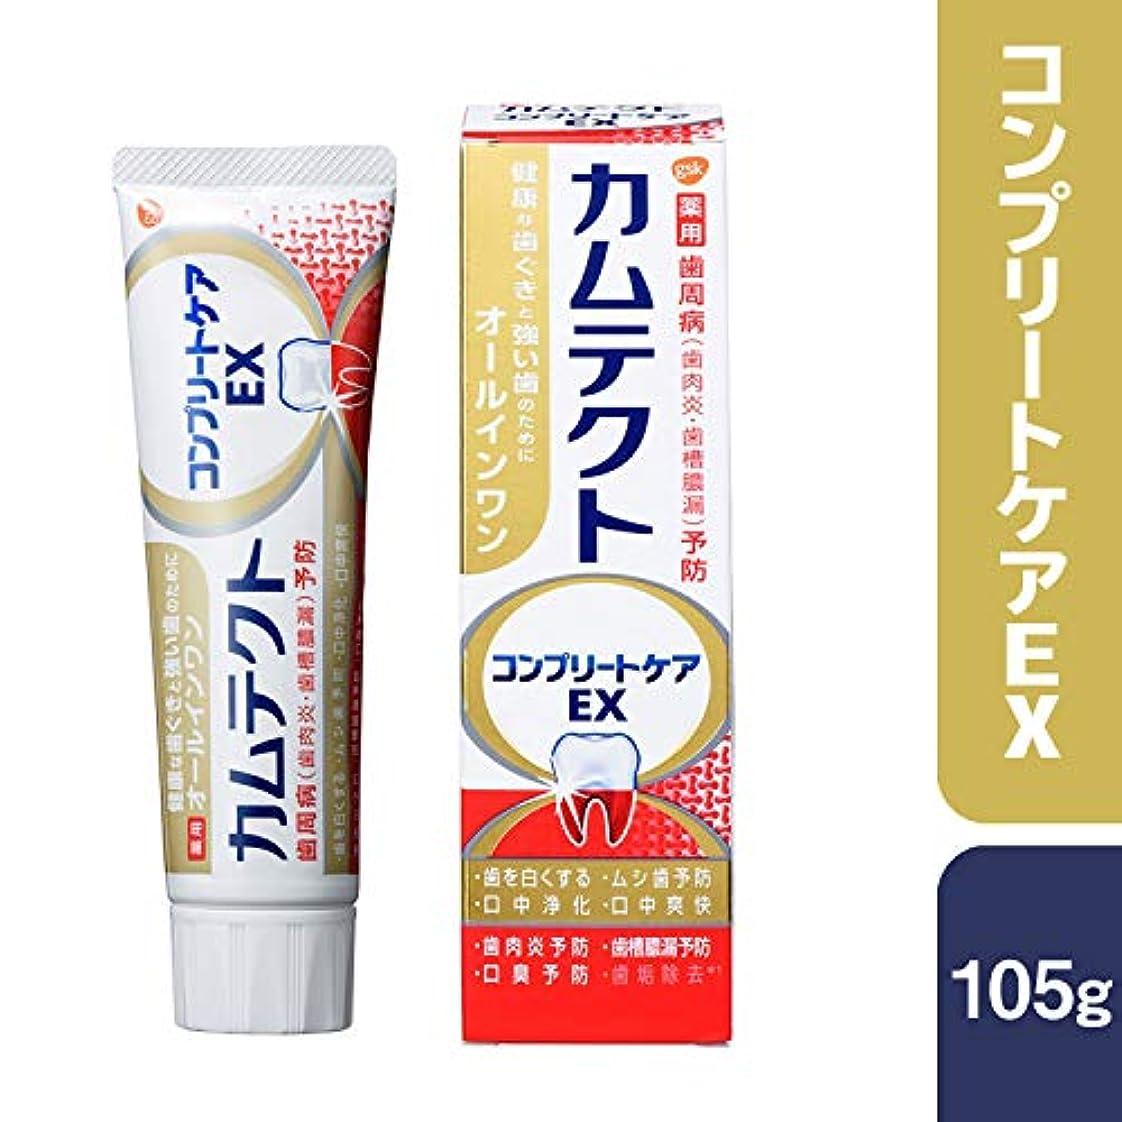 イブニング優遇しかしカムテクト コンプリートケアEX 歯周病(歯肉炎?歯槽膿漏) 予防 歯磨き粉 105g